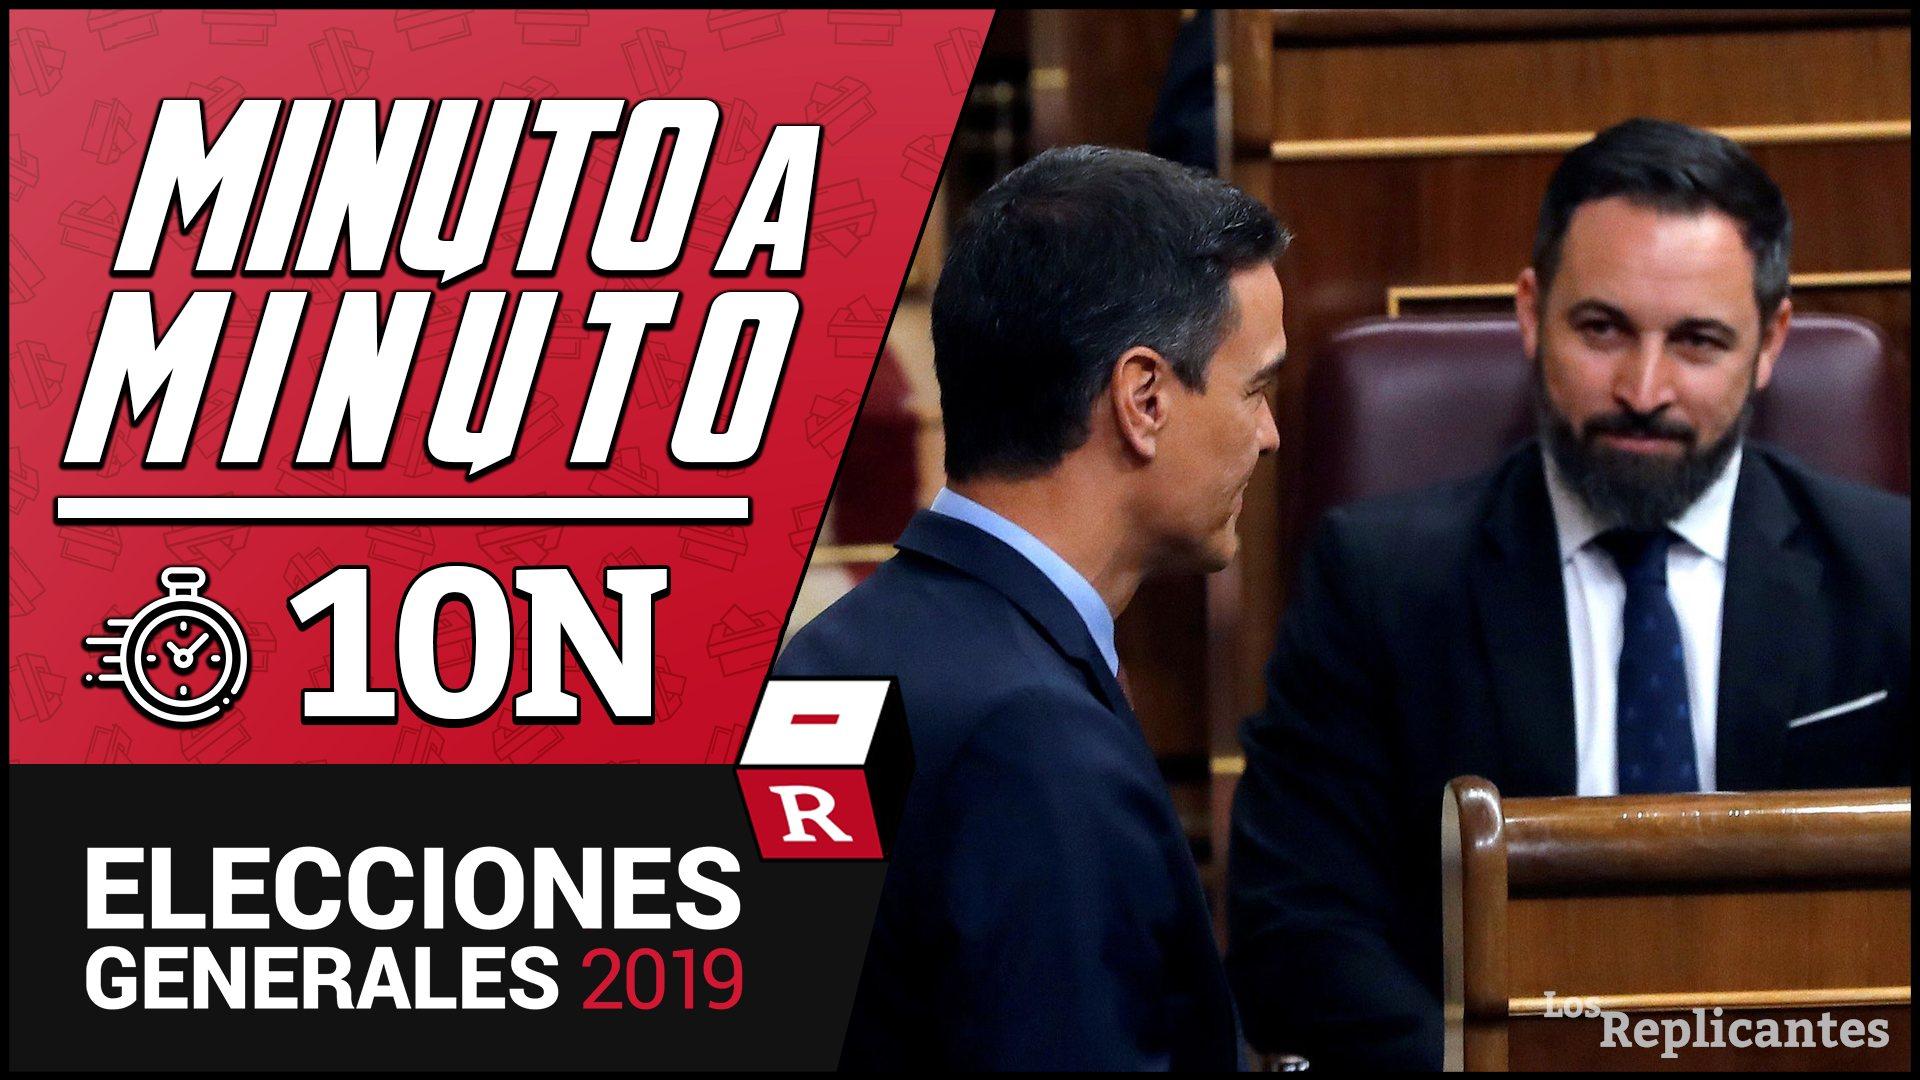 70,74% escrutado: PSOE (122), PP (84), VOX (53), UP (35), ERC (13), Cs (10), JxCAT (8), PNV (7), EH Bildu (5), Más País (3), CCa-NC (3), CUP (2)